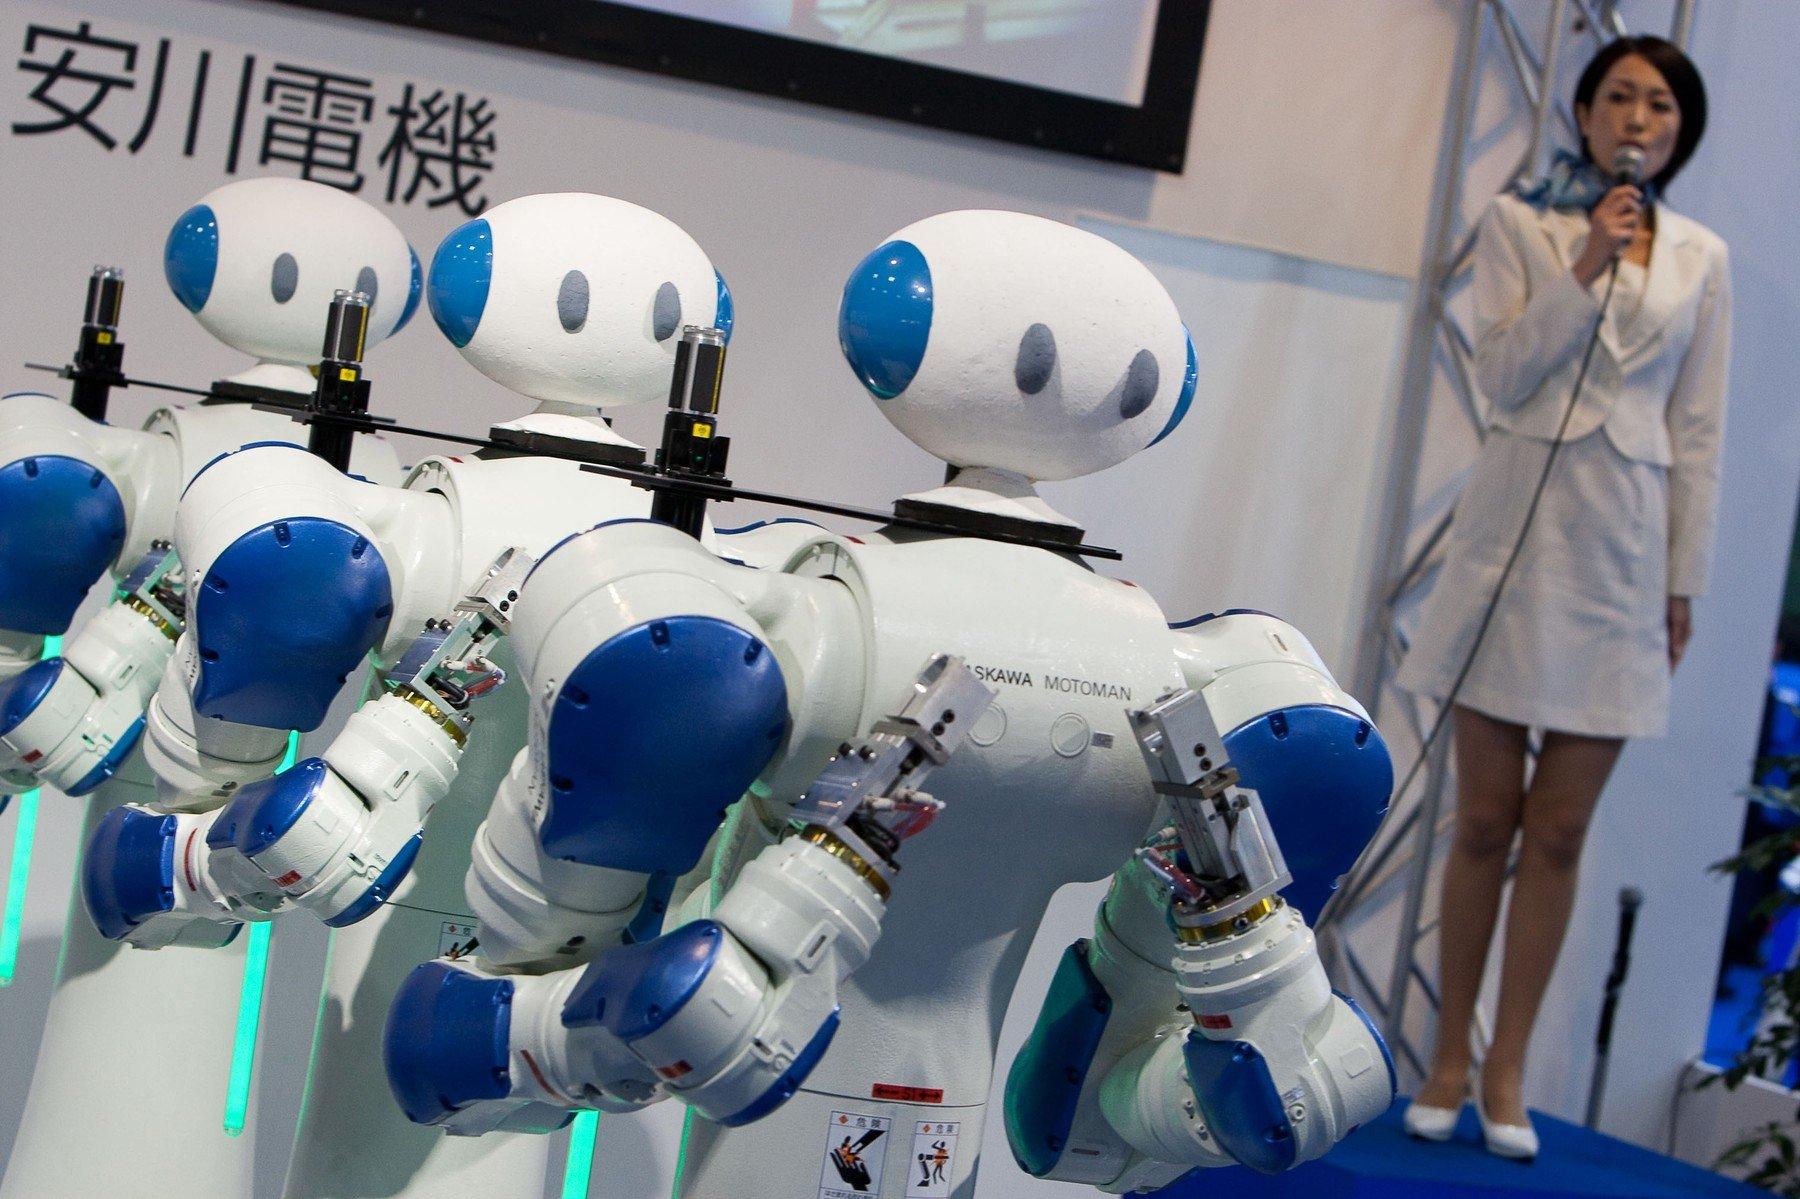 Motoman, robot japanske tvrtke Yaskawa iz 2009. godine